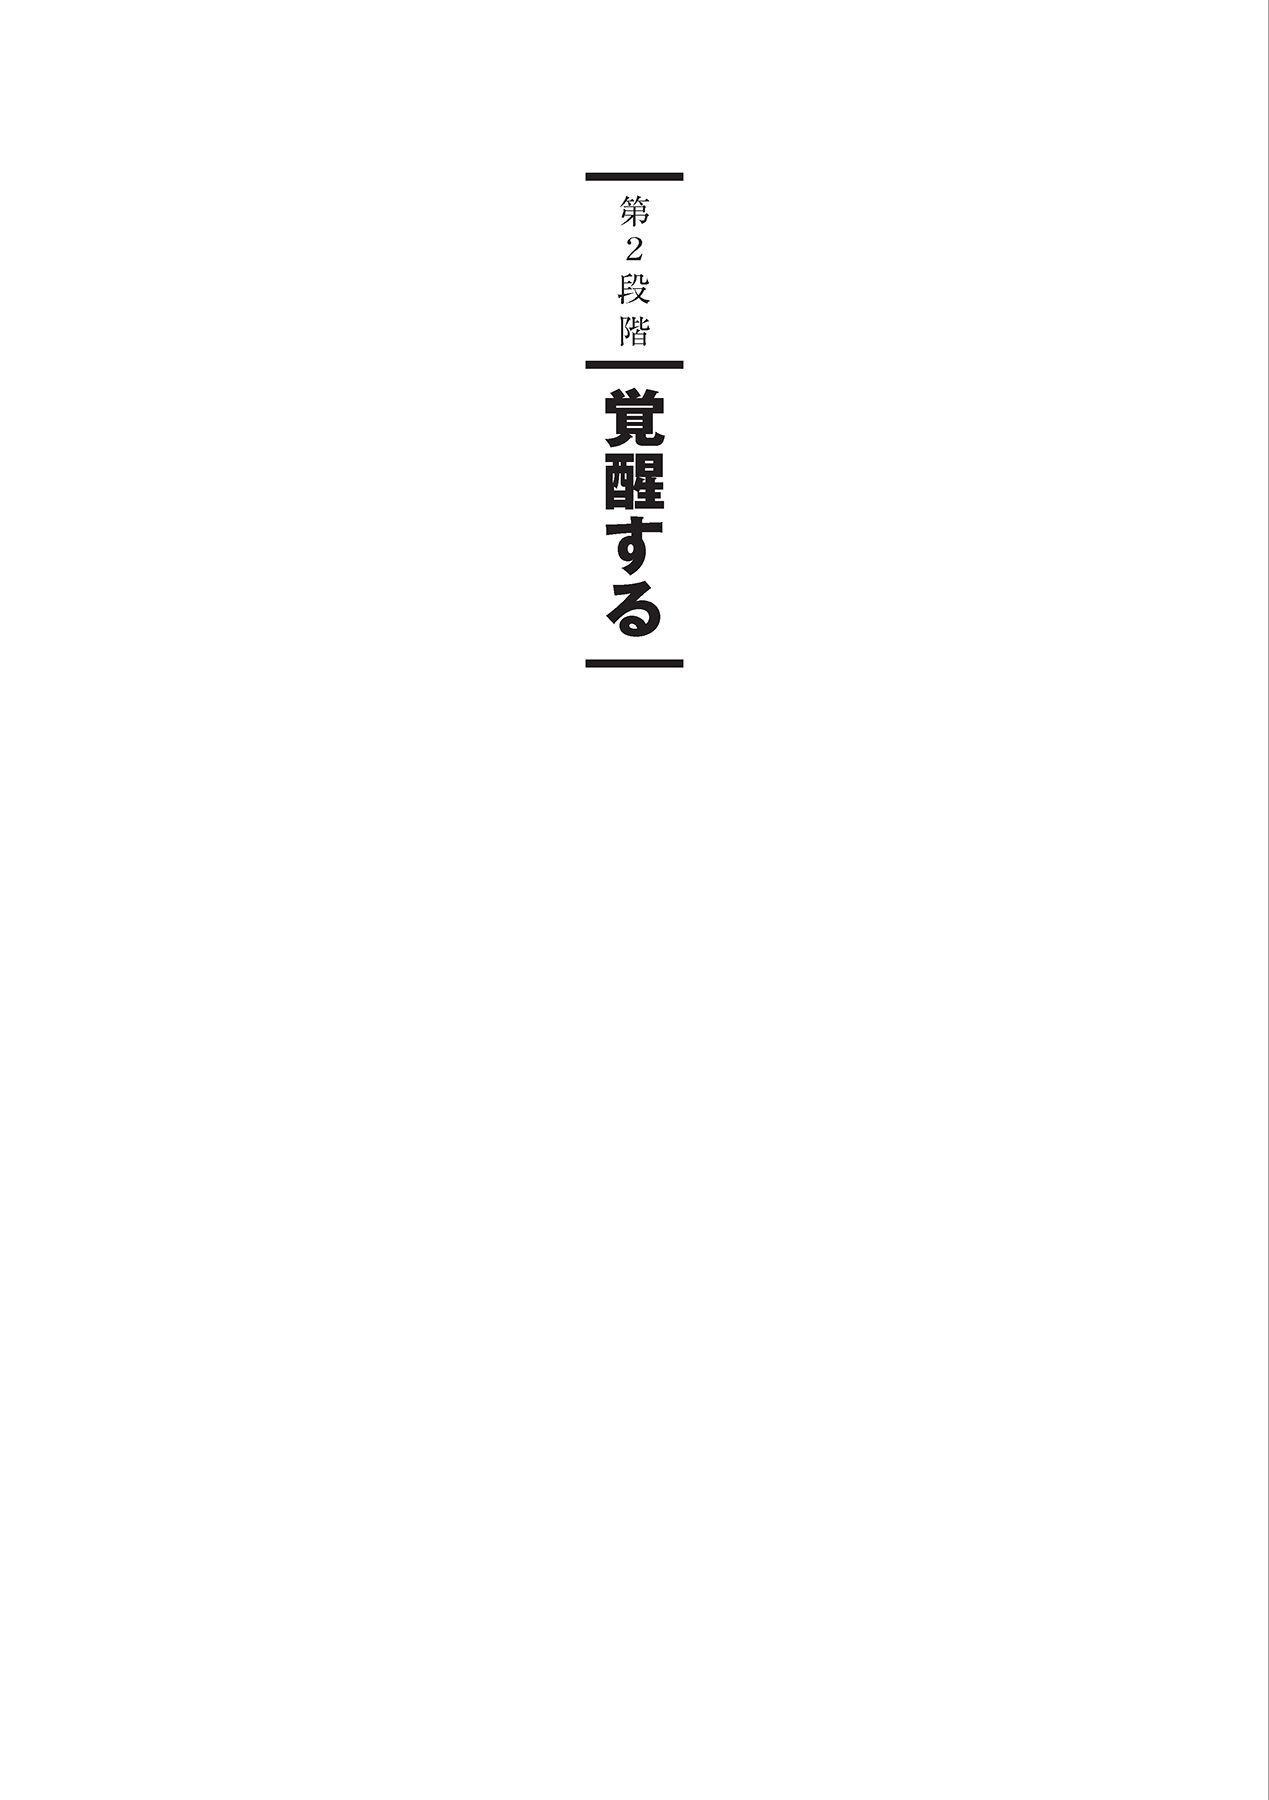 アナル性感開発・お尻エッチ 完全マニュアル 24